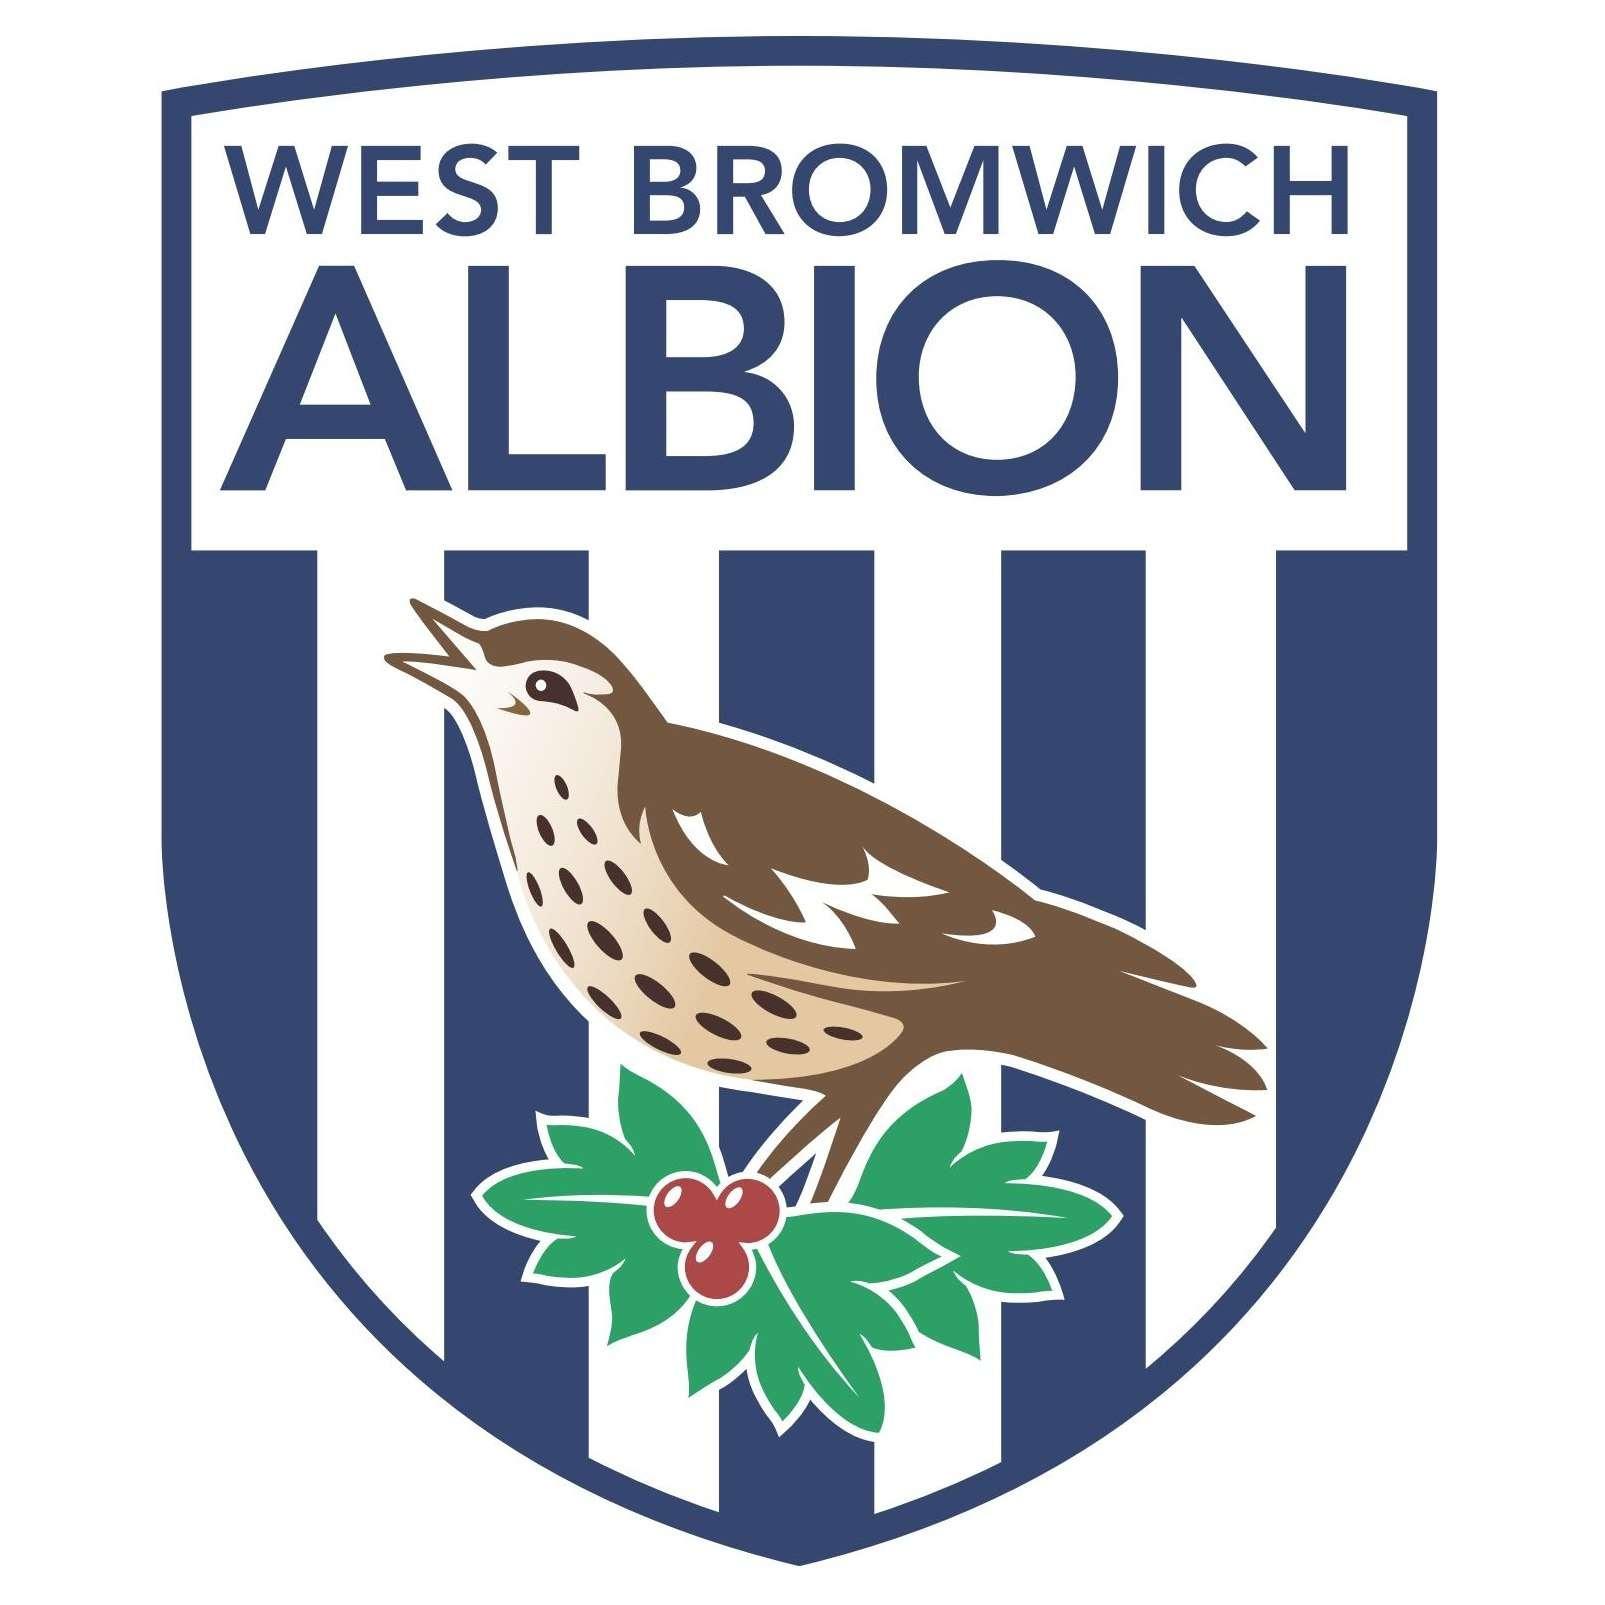 West-Bromwich-Albion-Football-Club_logo